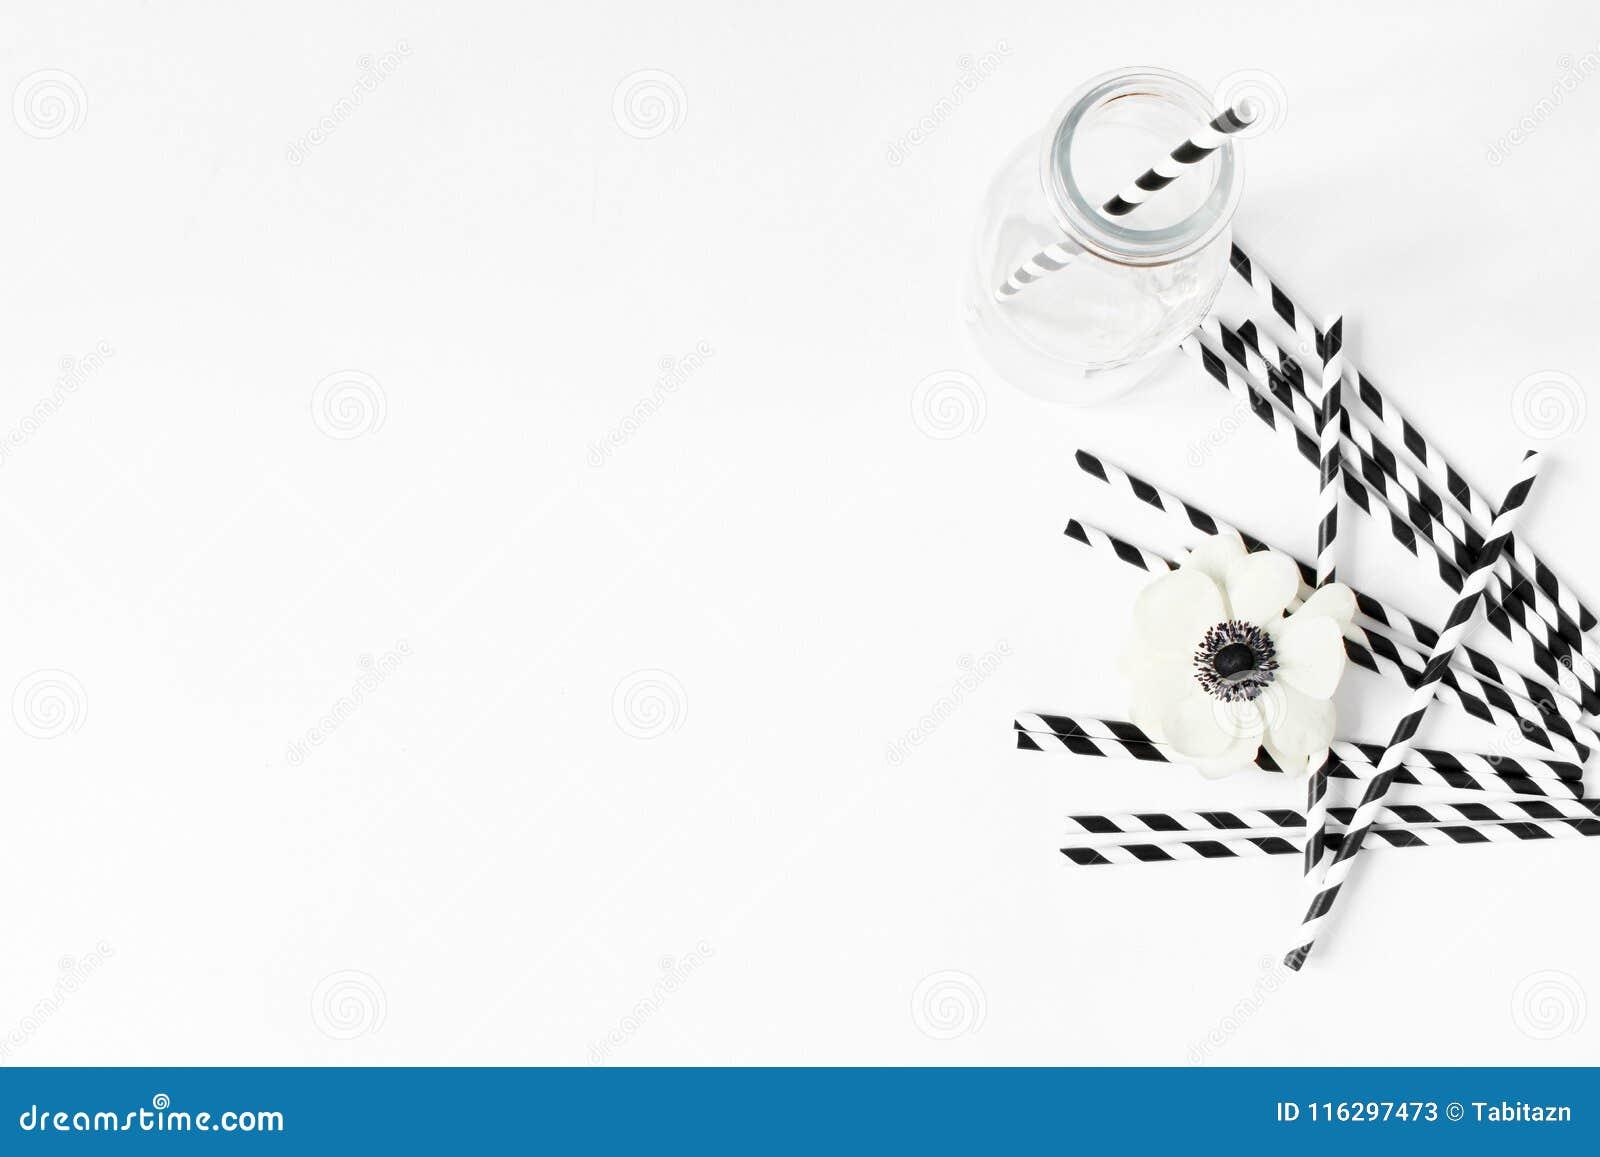 Escena de la mesa del desayuno o de la fiesta de cumpleaños Composición con el tarro vacío del vidrio de leche, paja de papel de